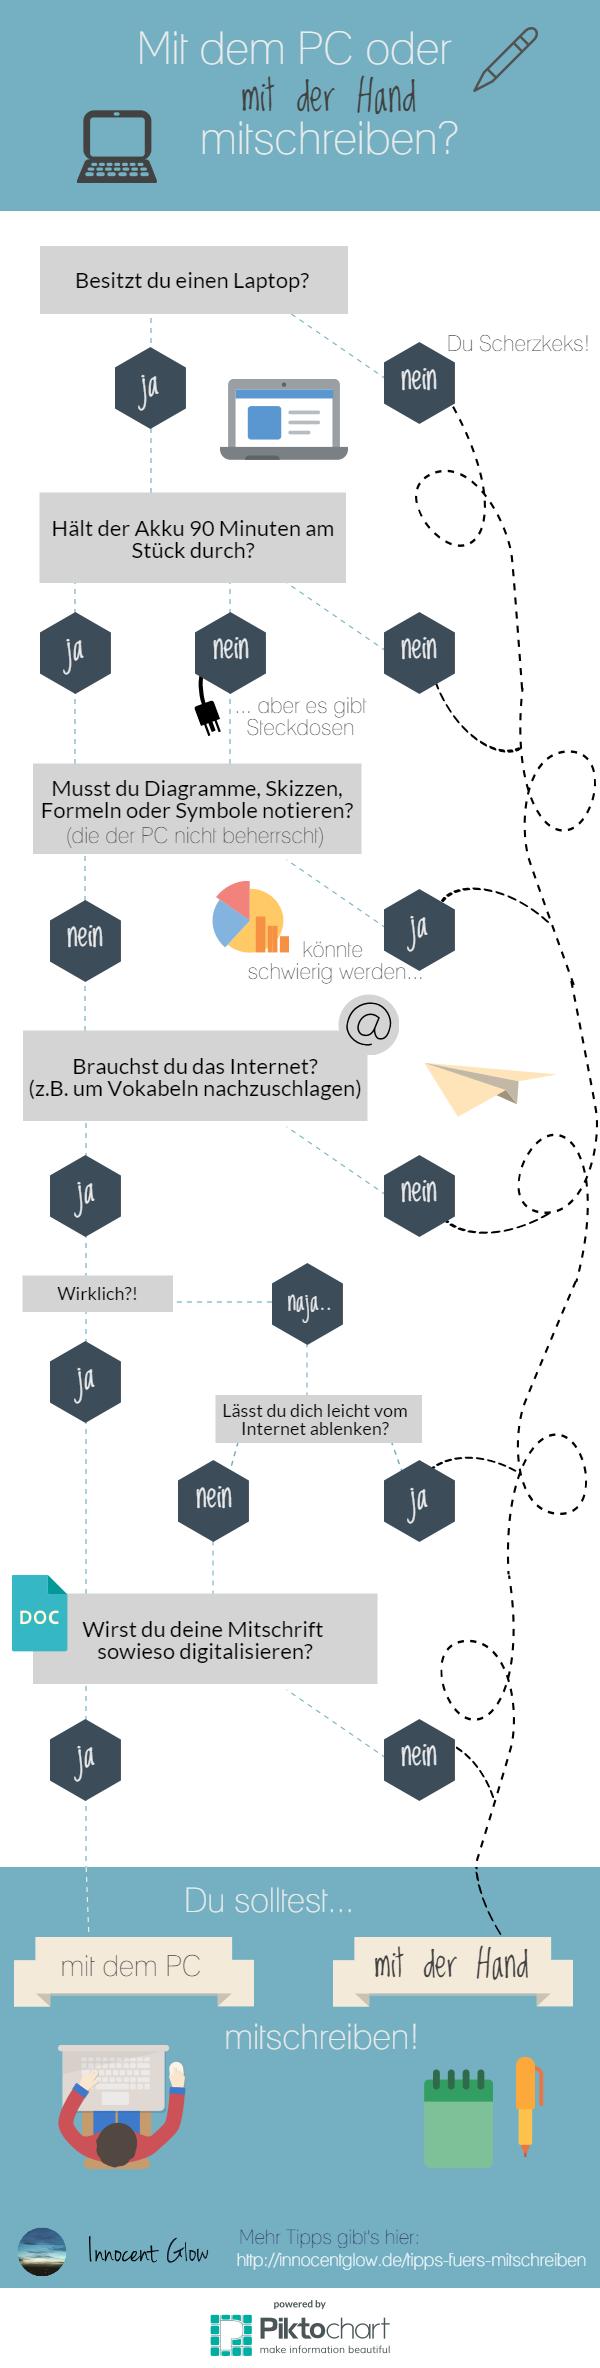 InfografikMitschreiben